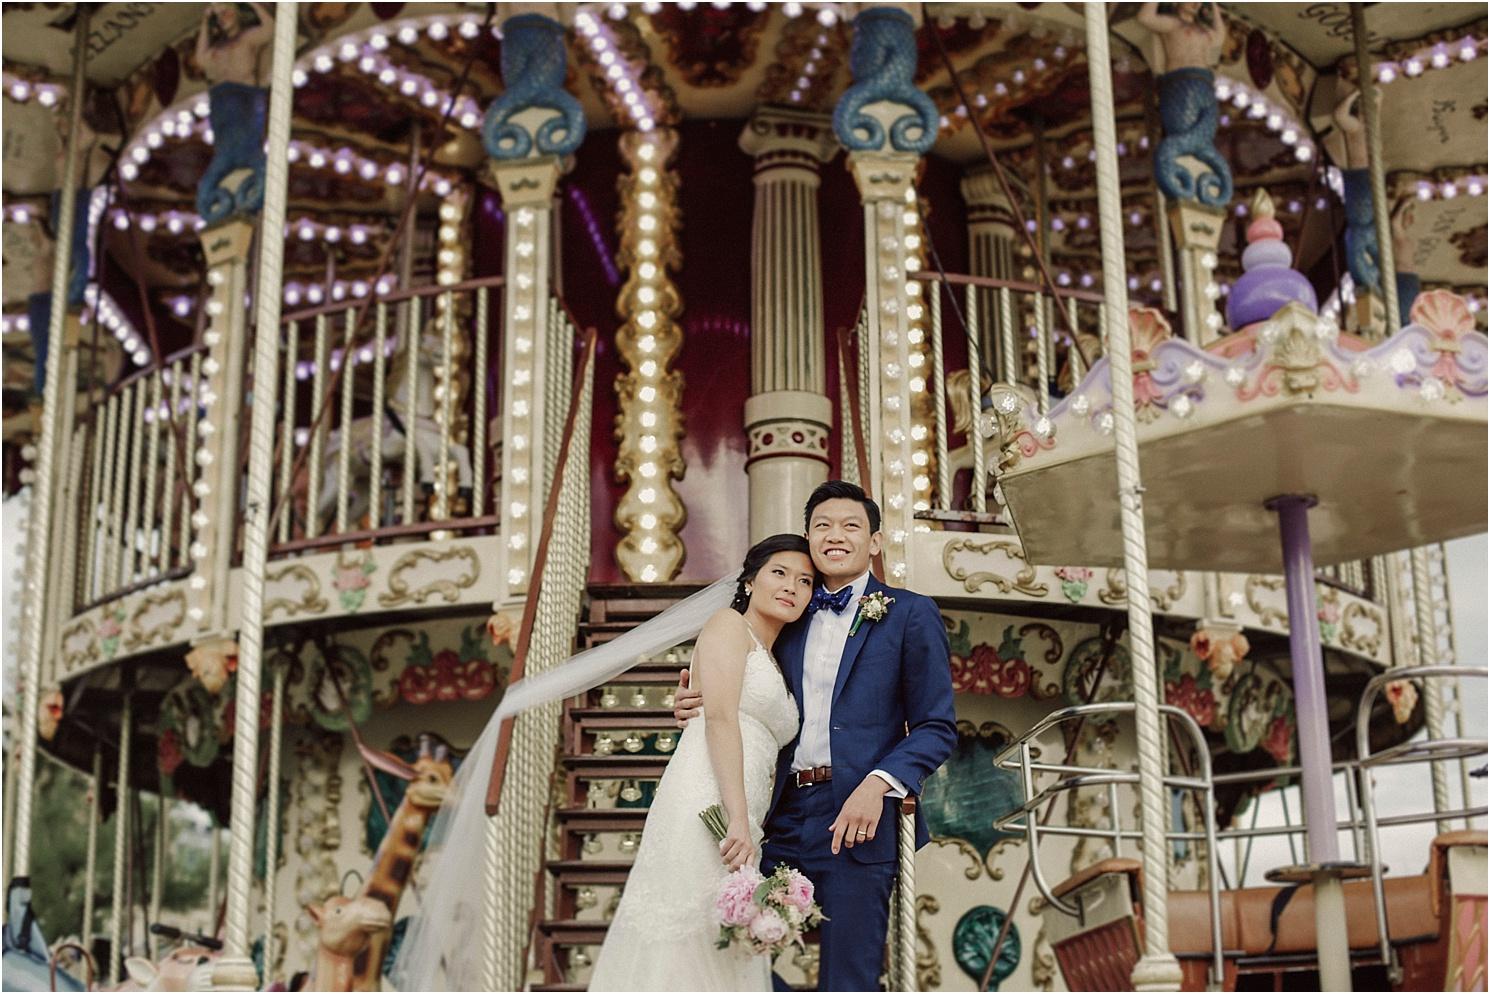 Destination wedding photographer San Sebastian - Destiantion wedding Donostia San Sebastián - Best photographer Basque country_-66